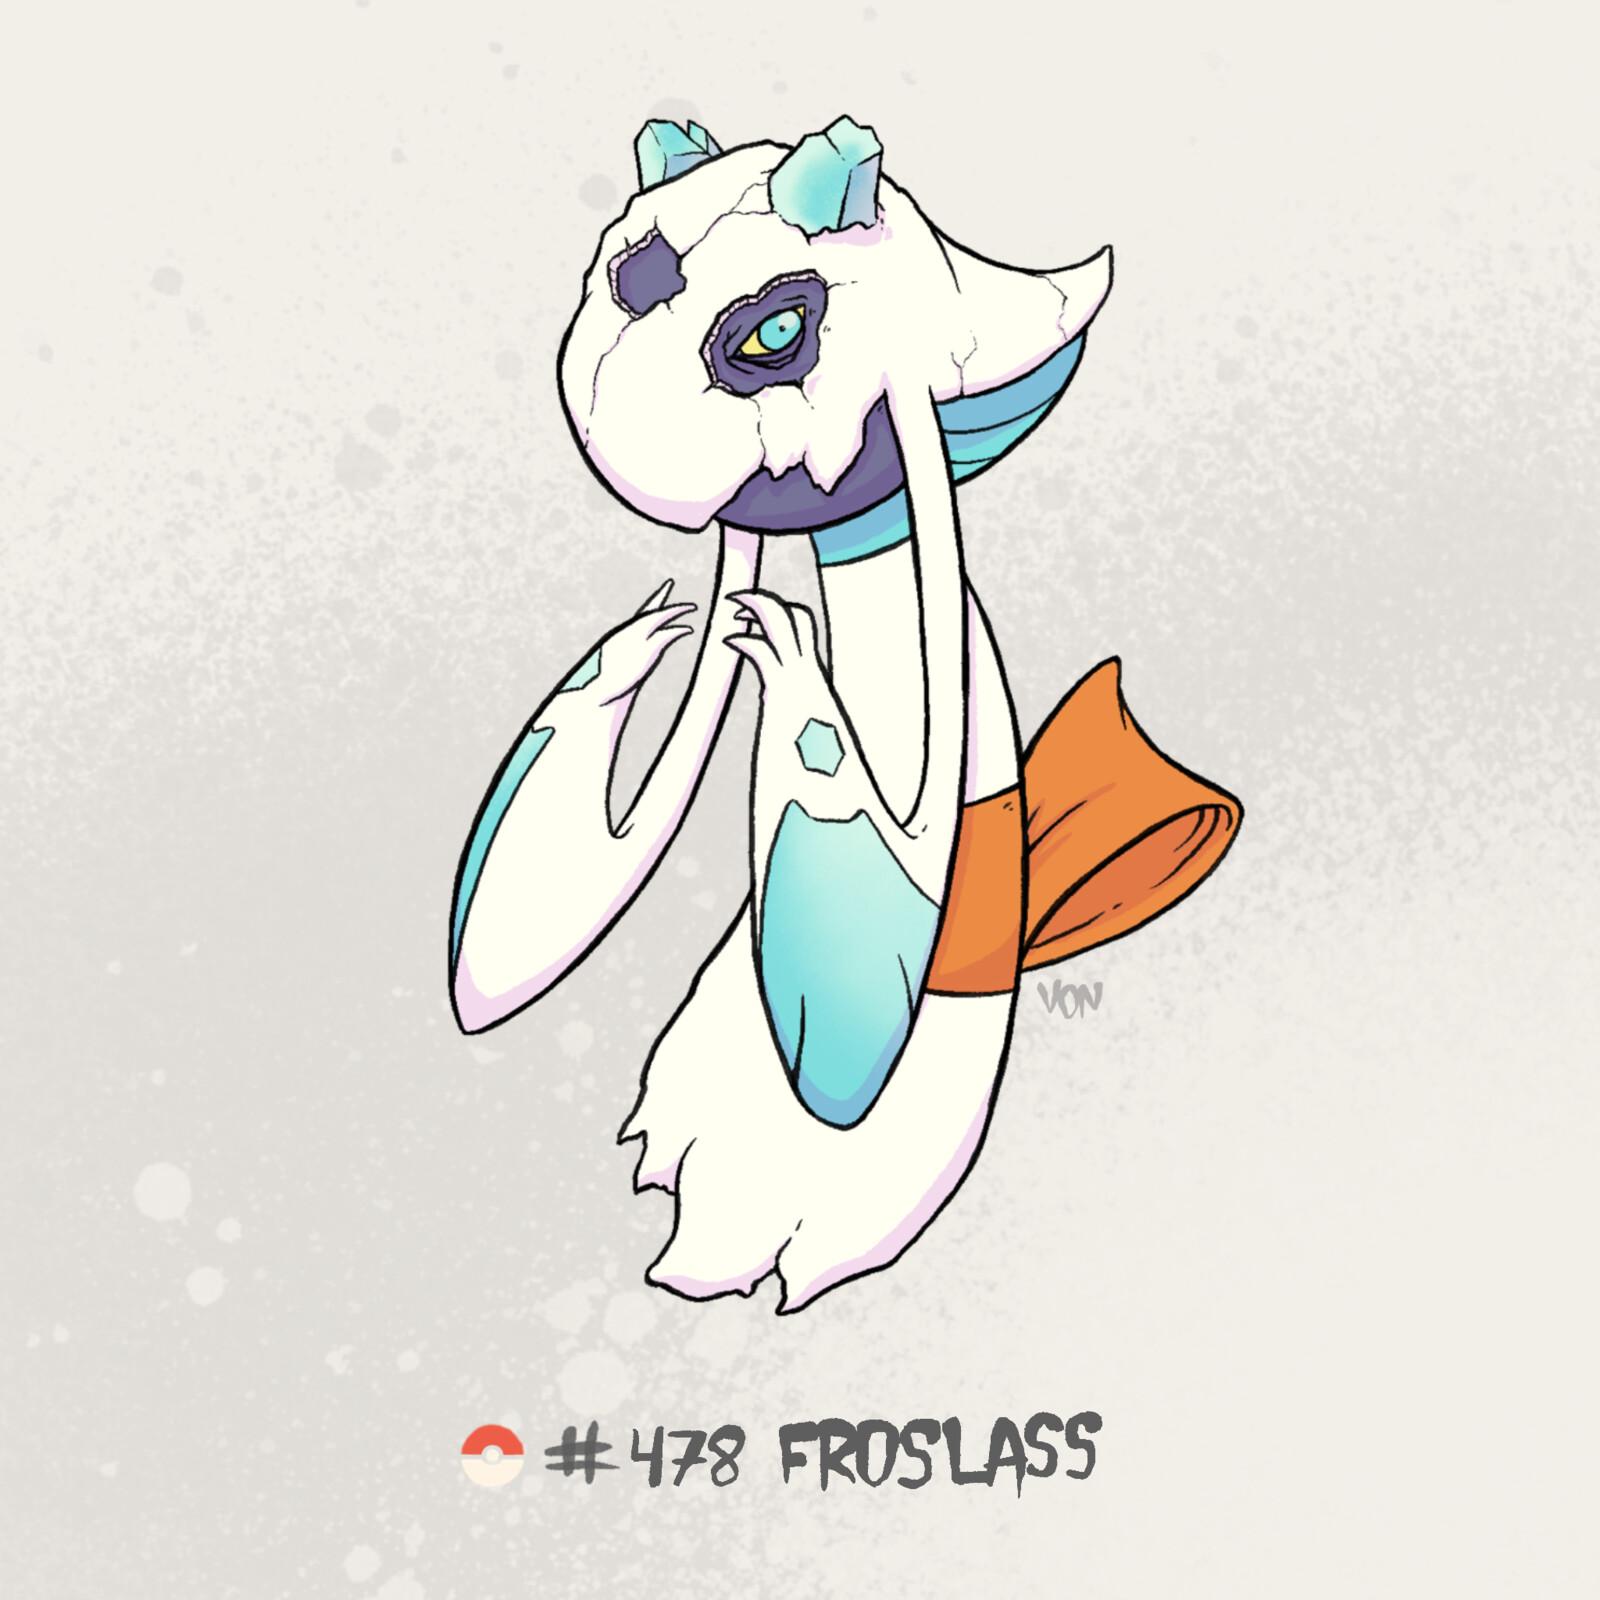 #478 Froslass